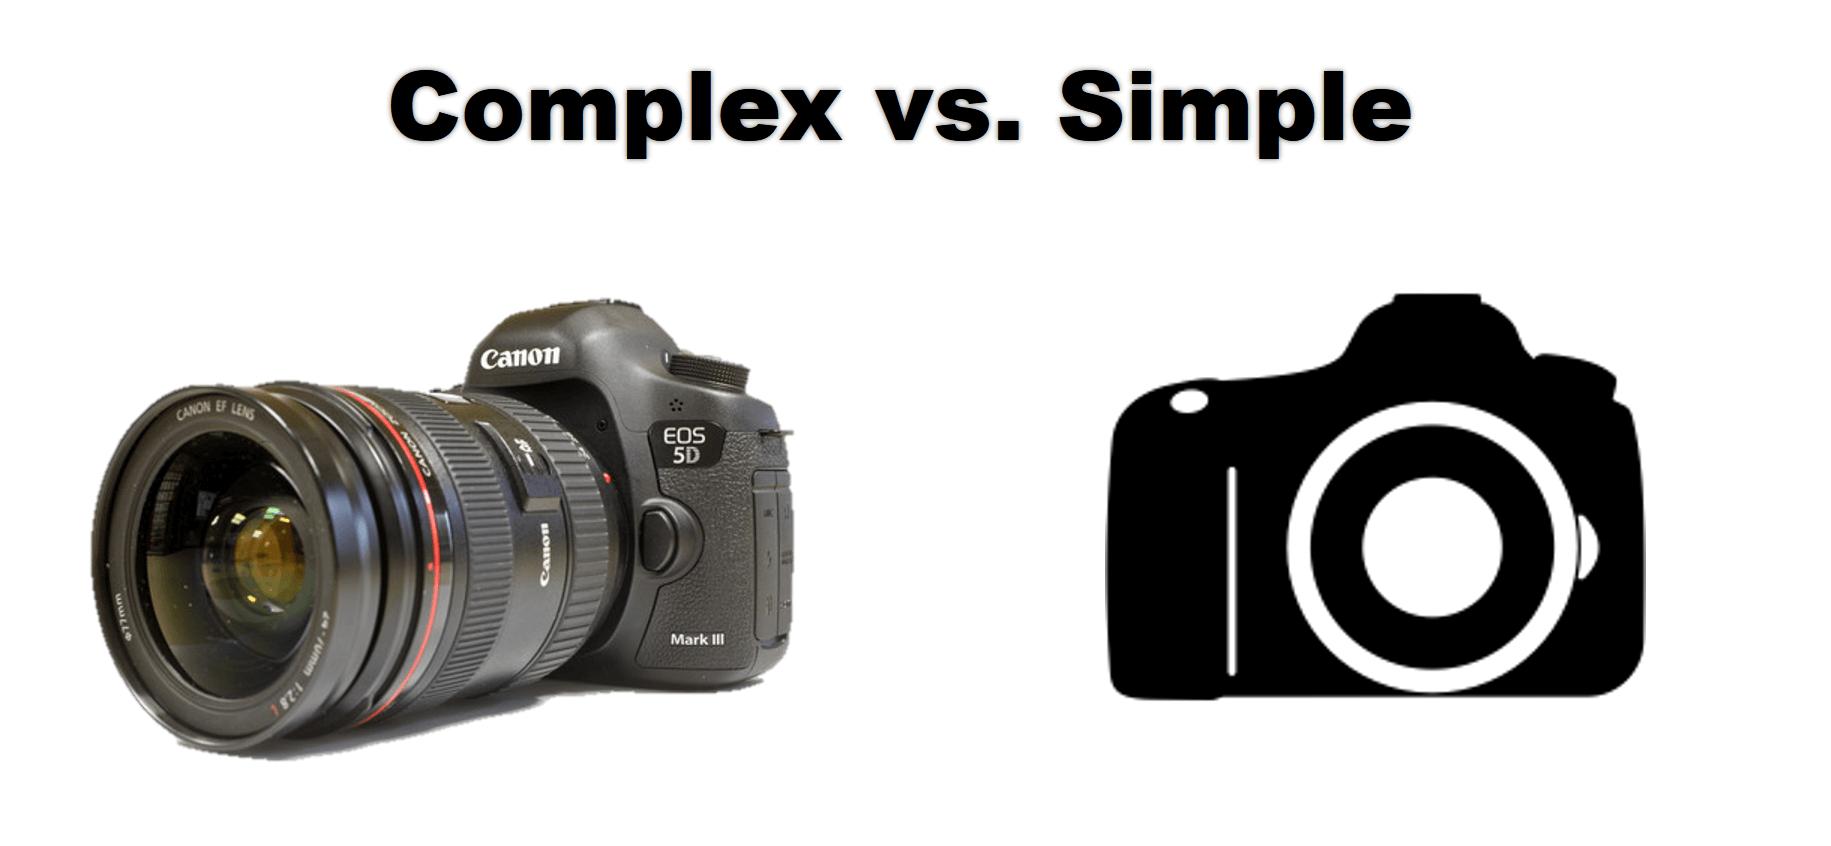 imagen de una cámara real junto a un icono de cámara que ilustra lo complejo frente a lo simple